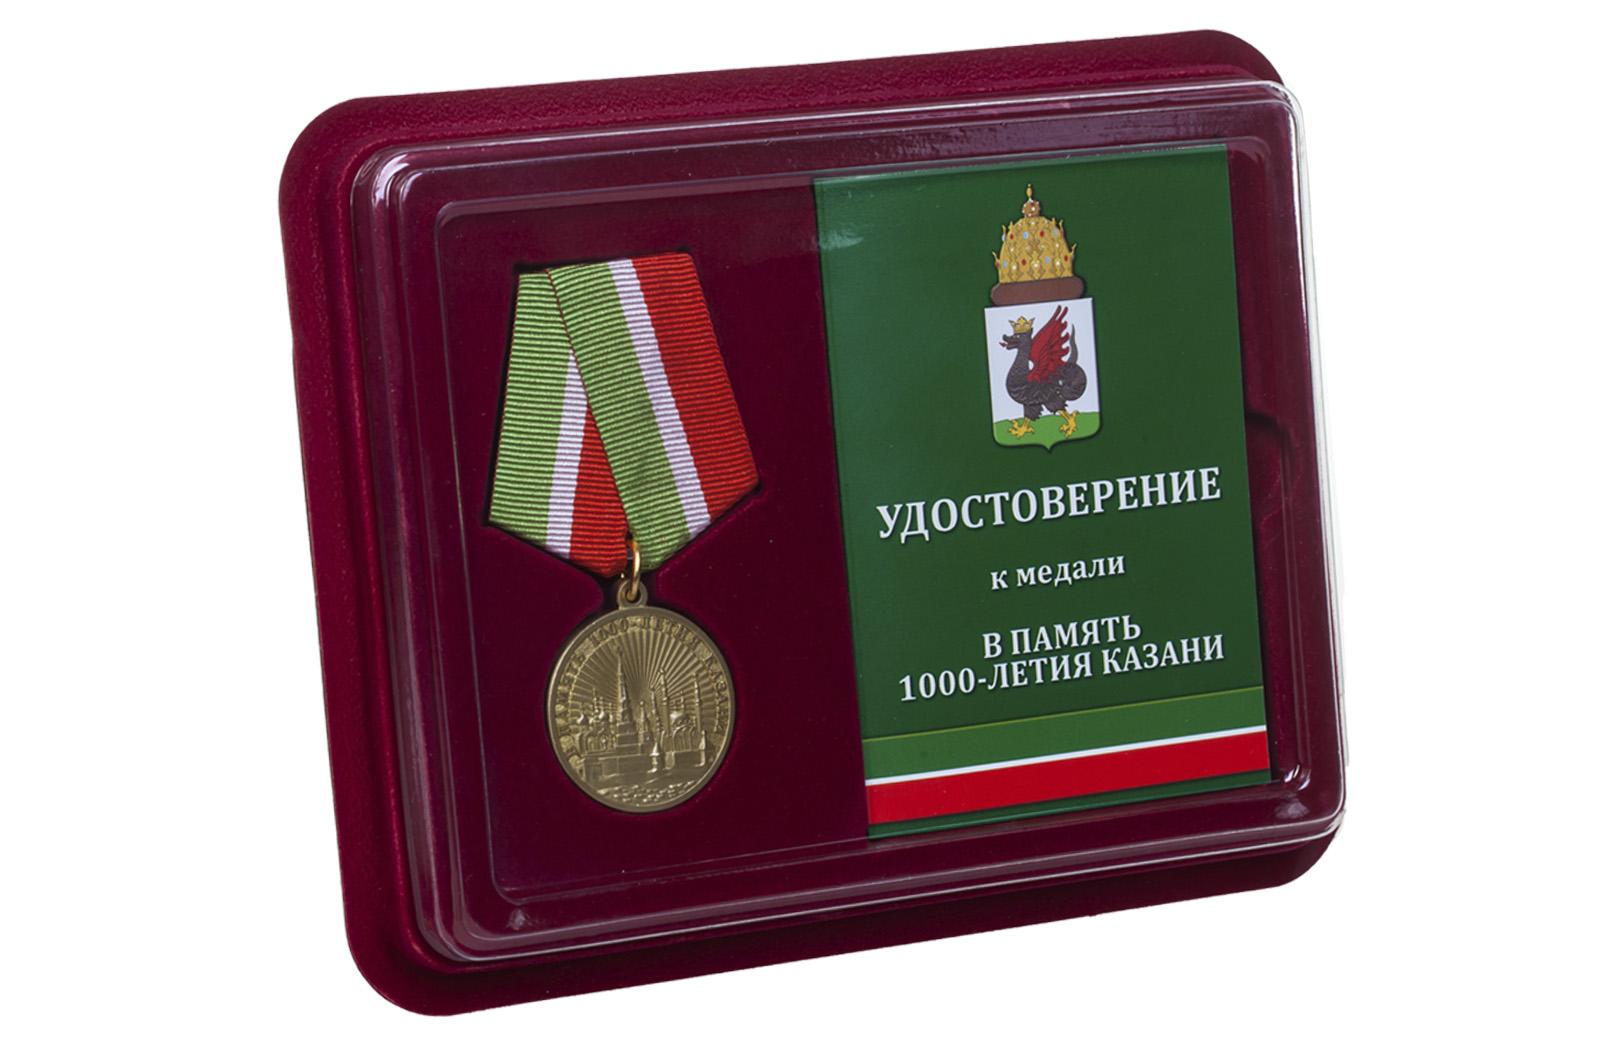 Купить юбилейную медаль В память 1000-летия Казани оптом выгодно